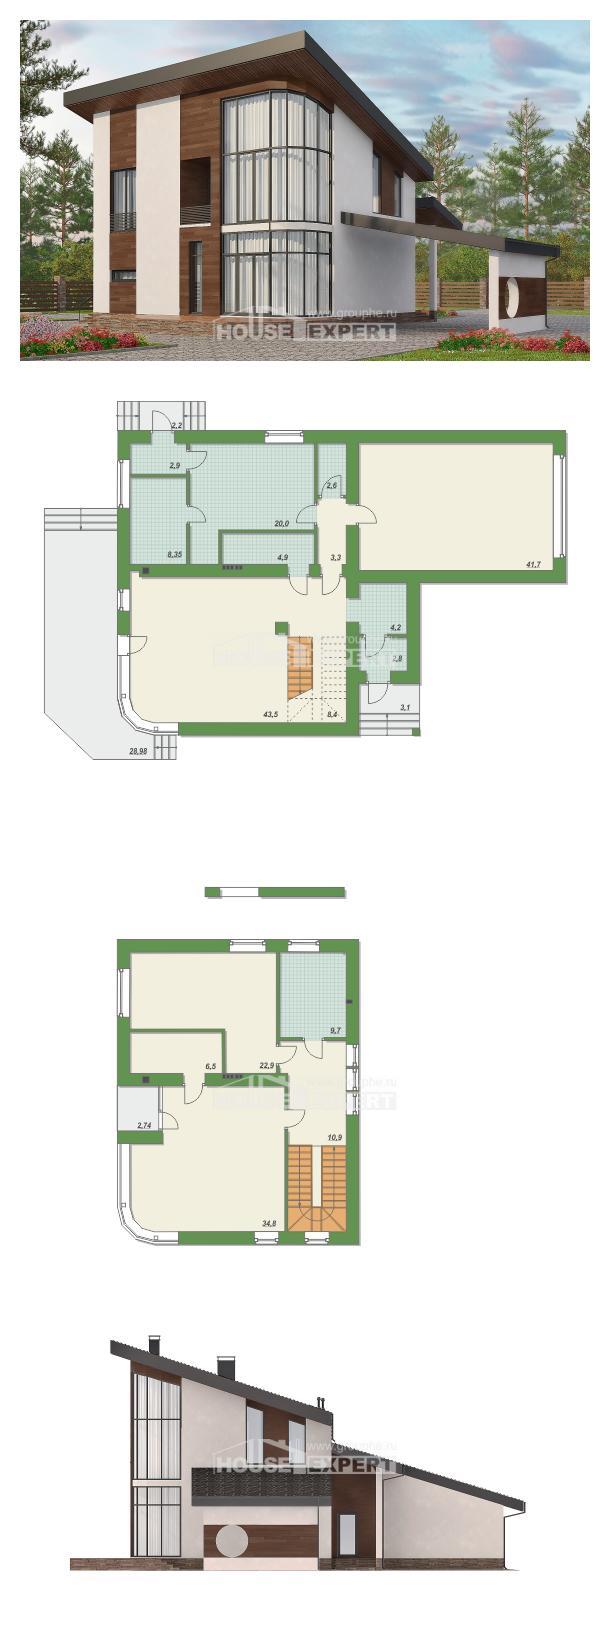 Plan 230-001-R   House Expert